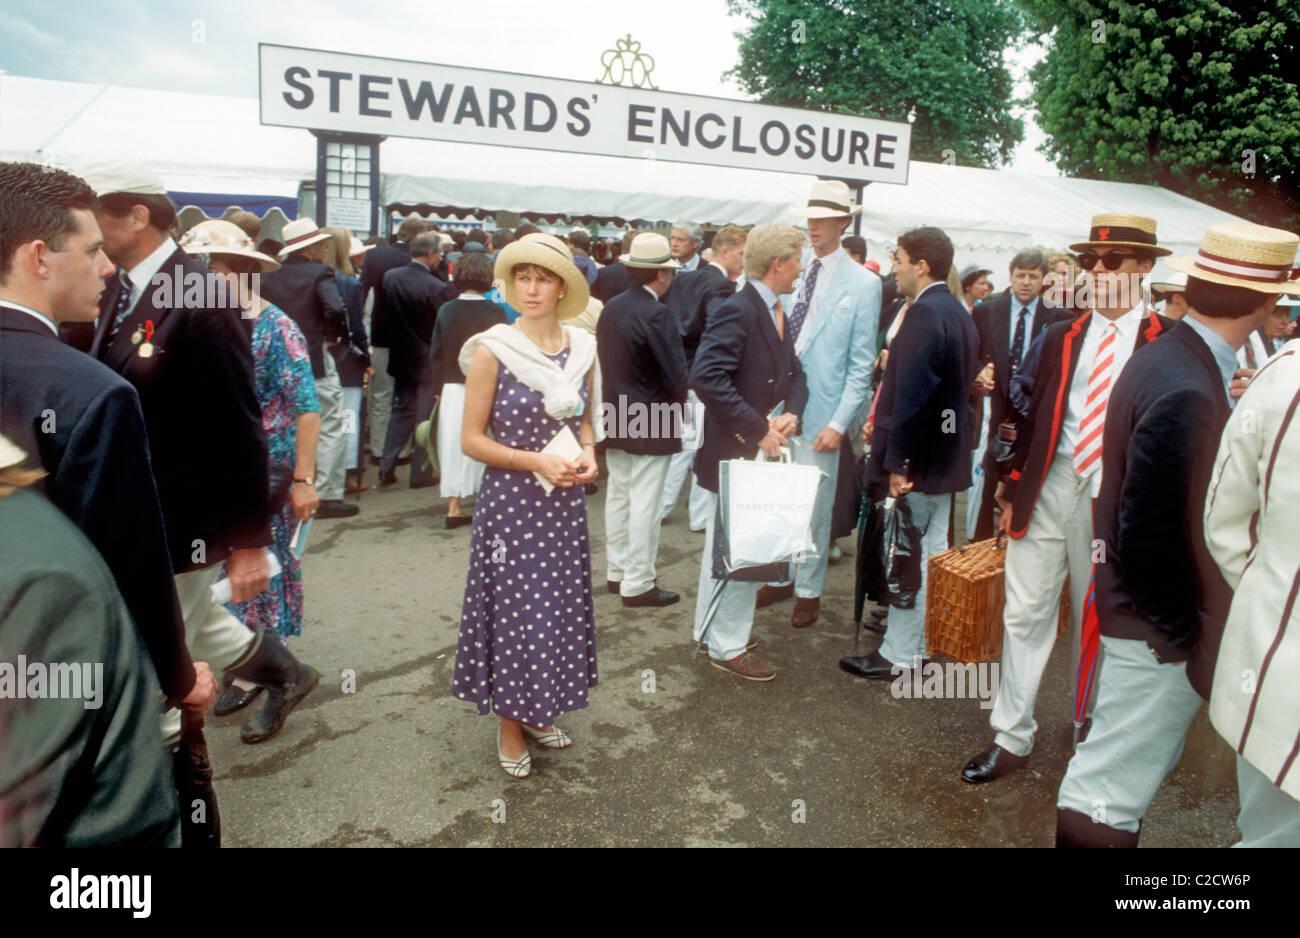 Regatta henley stewards enclosure what to wear